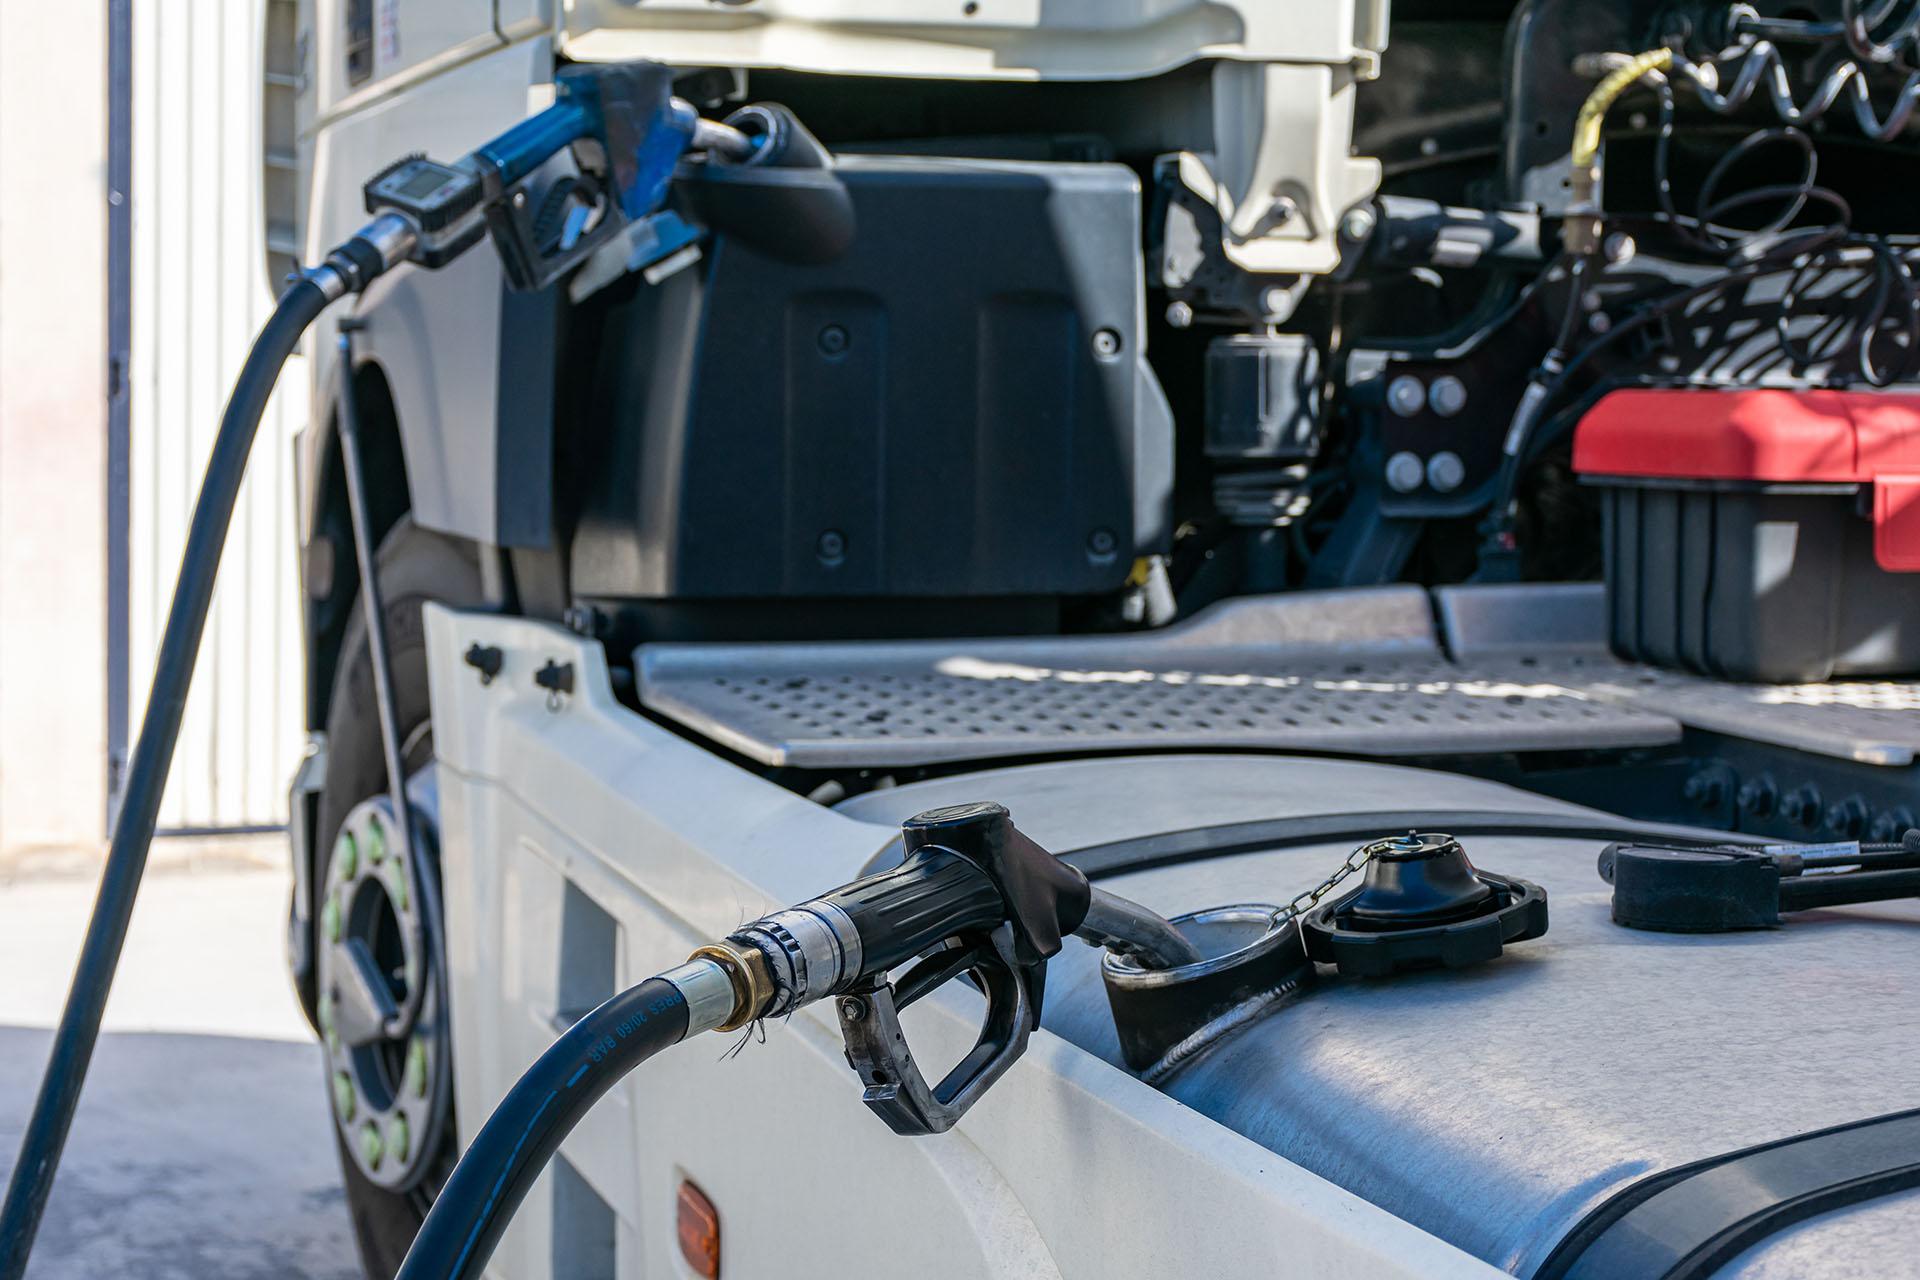 Repostando adblue y gasoil en el camion